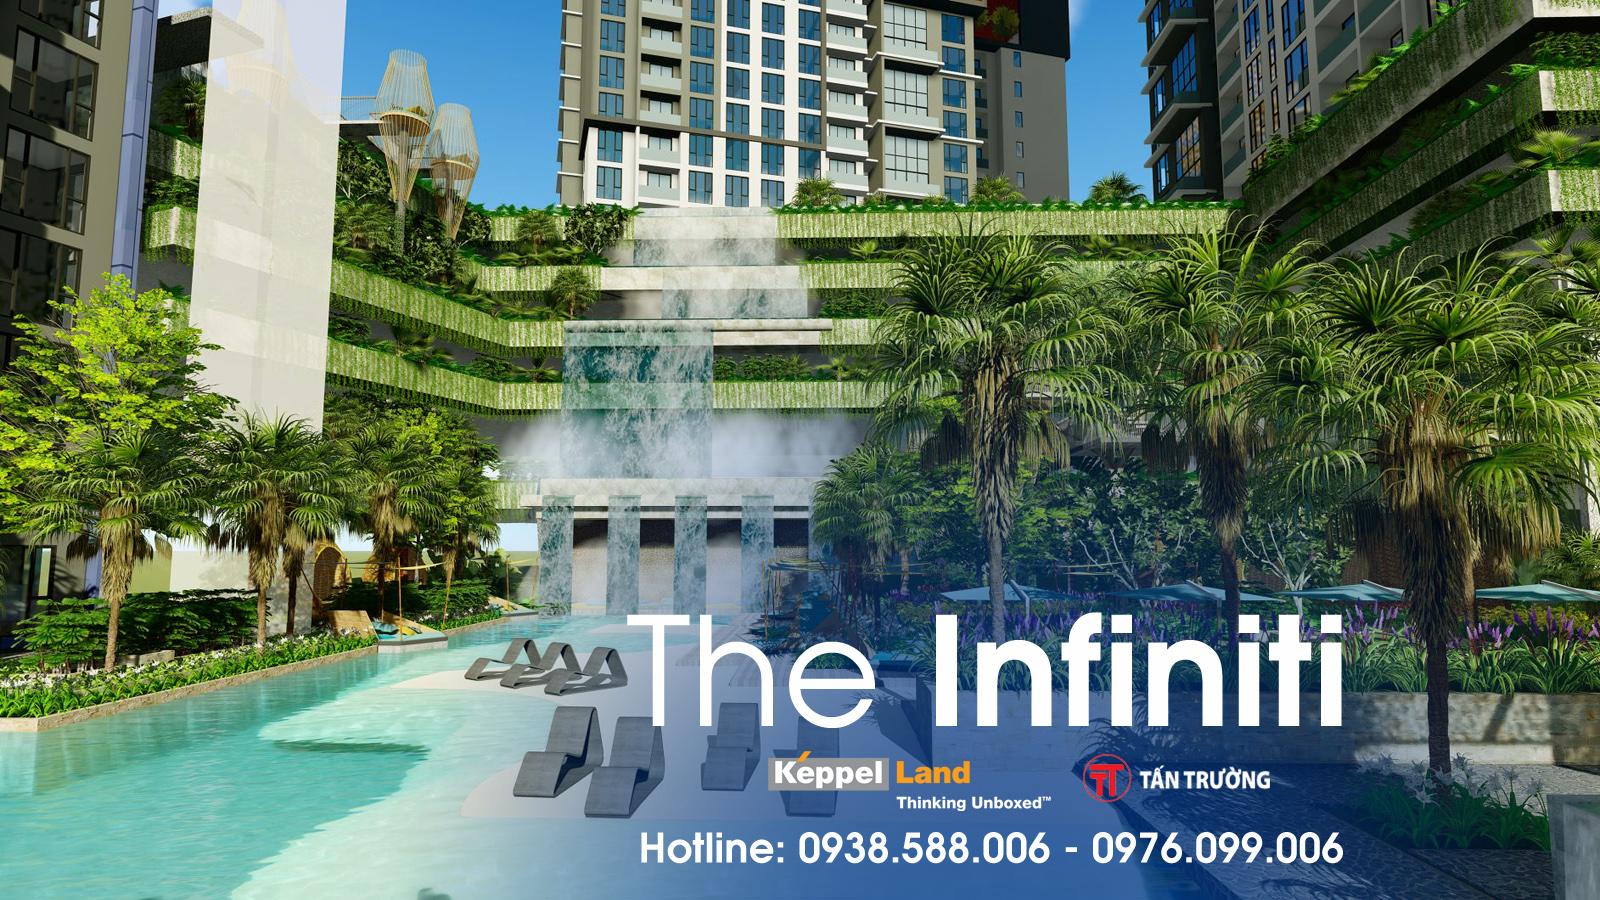 Tiện ích mang phong cách khu nghỉ dưỡng Hawaii tại dự án The Infiniti.